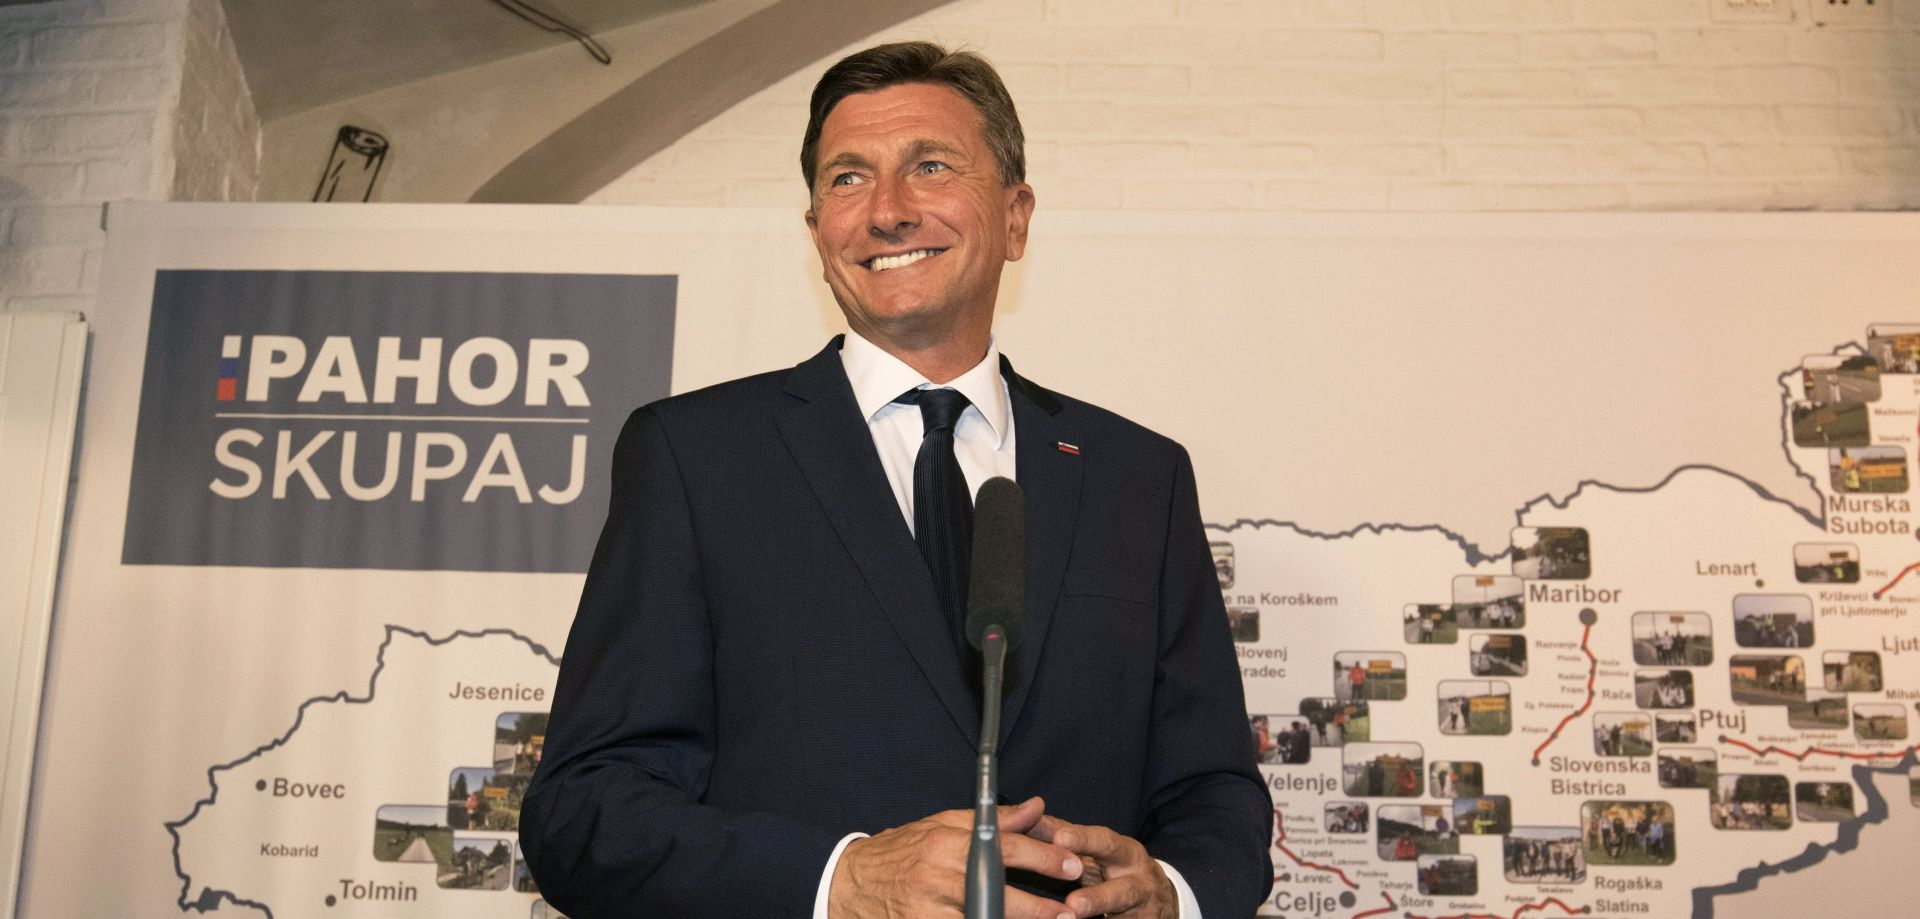 'Parlamentarni izbori u Sloveniji 20. ili 27. svibnja'